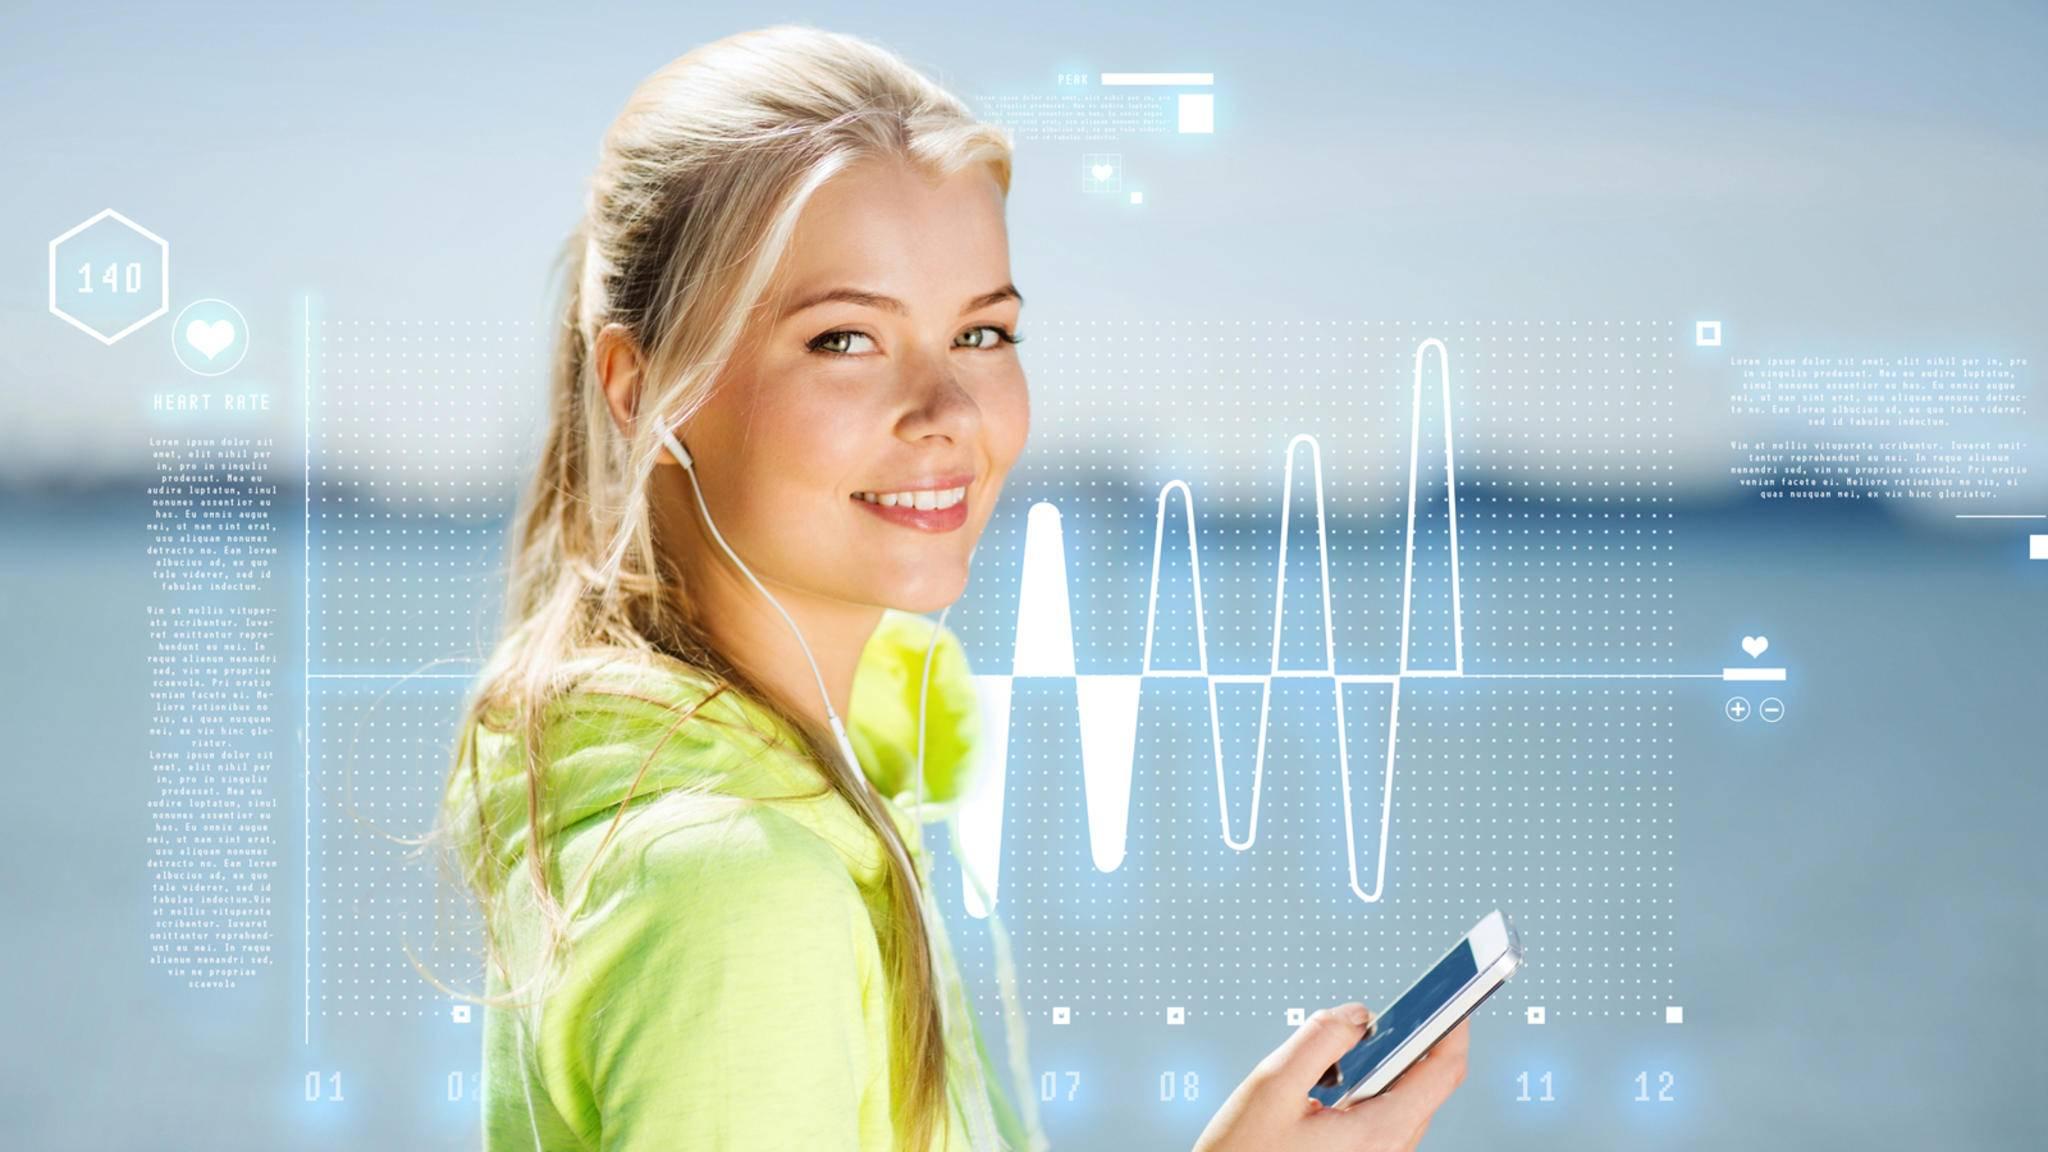 Überall den Puls messen können – dank cleverer Smartphone-Apps ist das möglich.